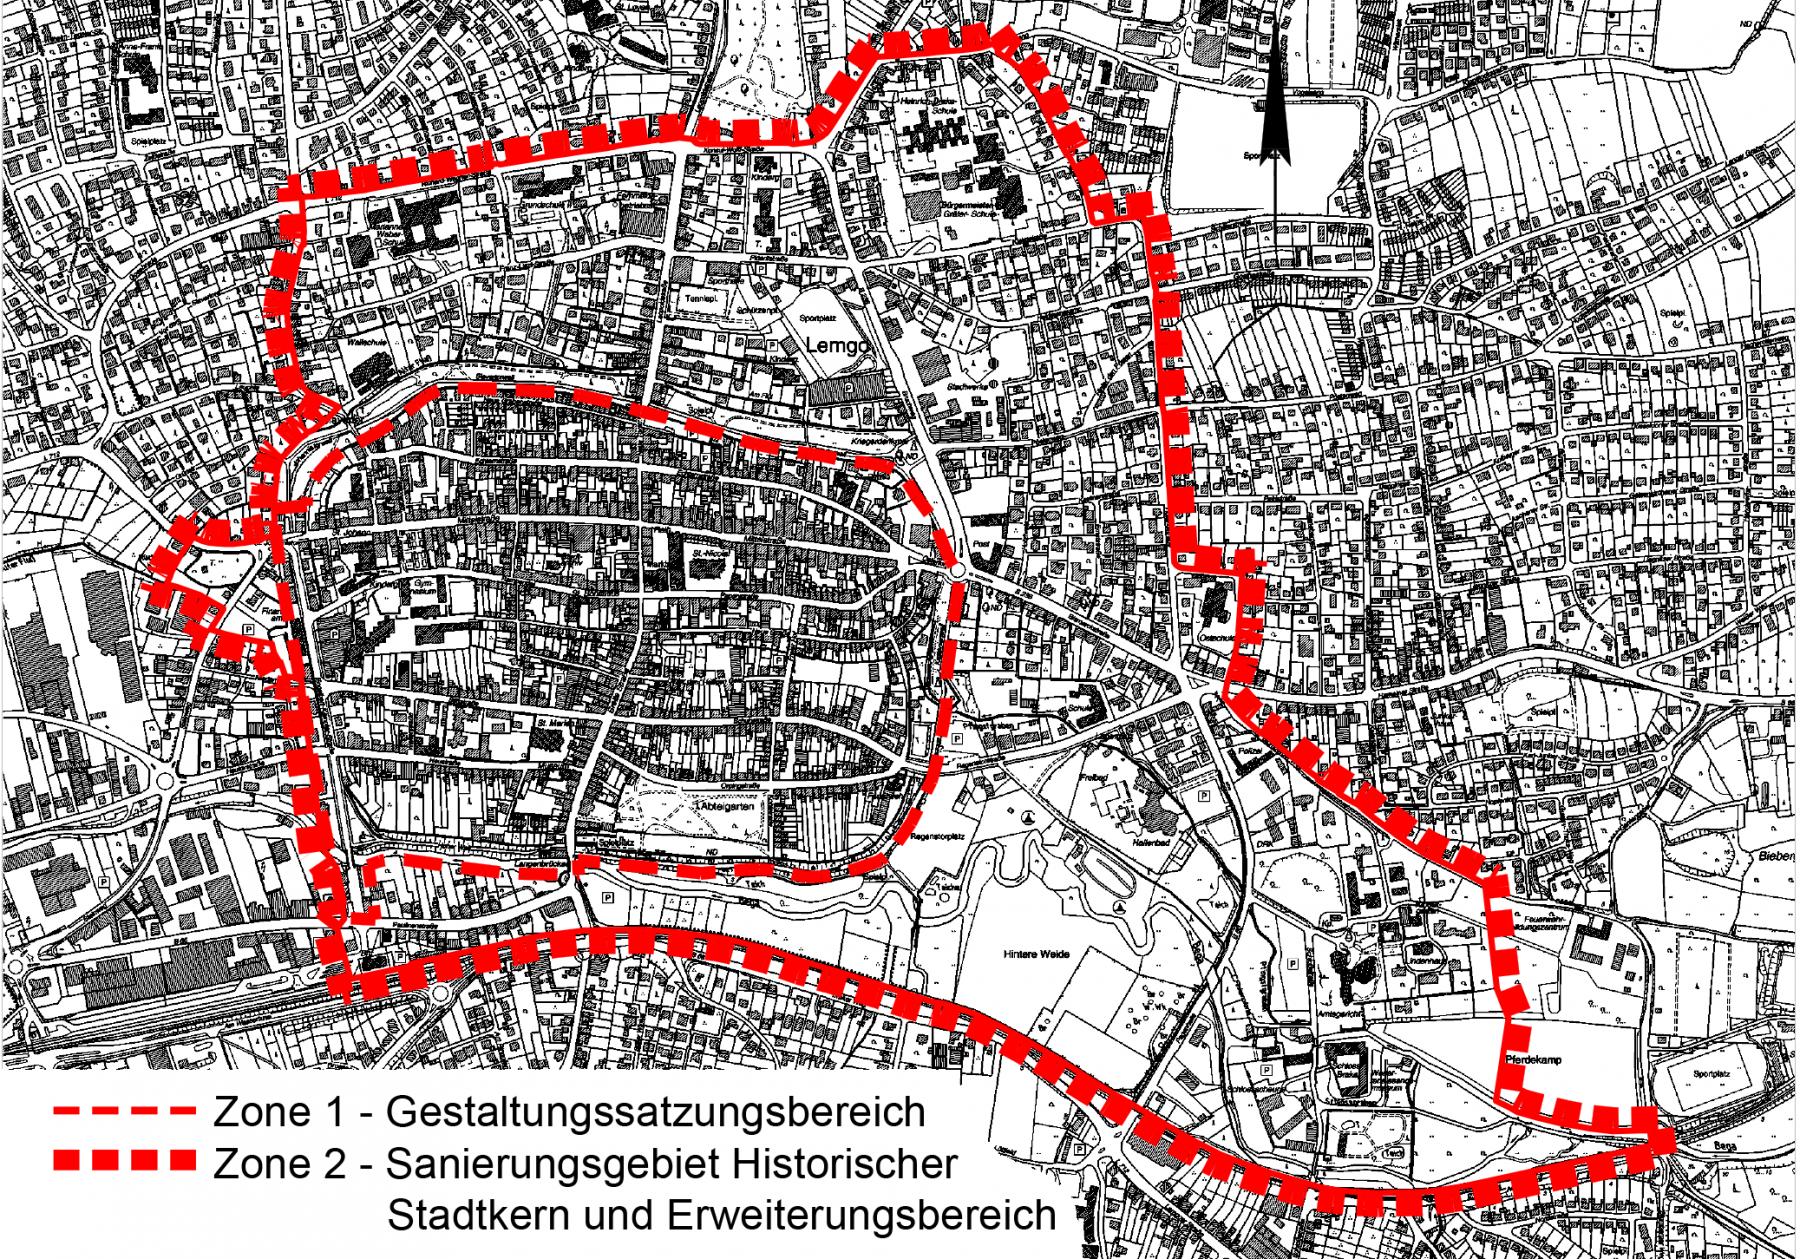 Geltungsbereiche: Zone 1 und Zone 2